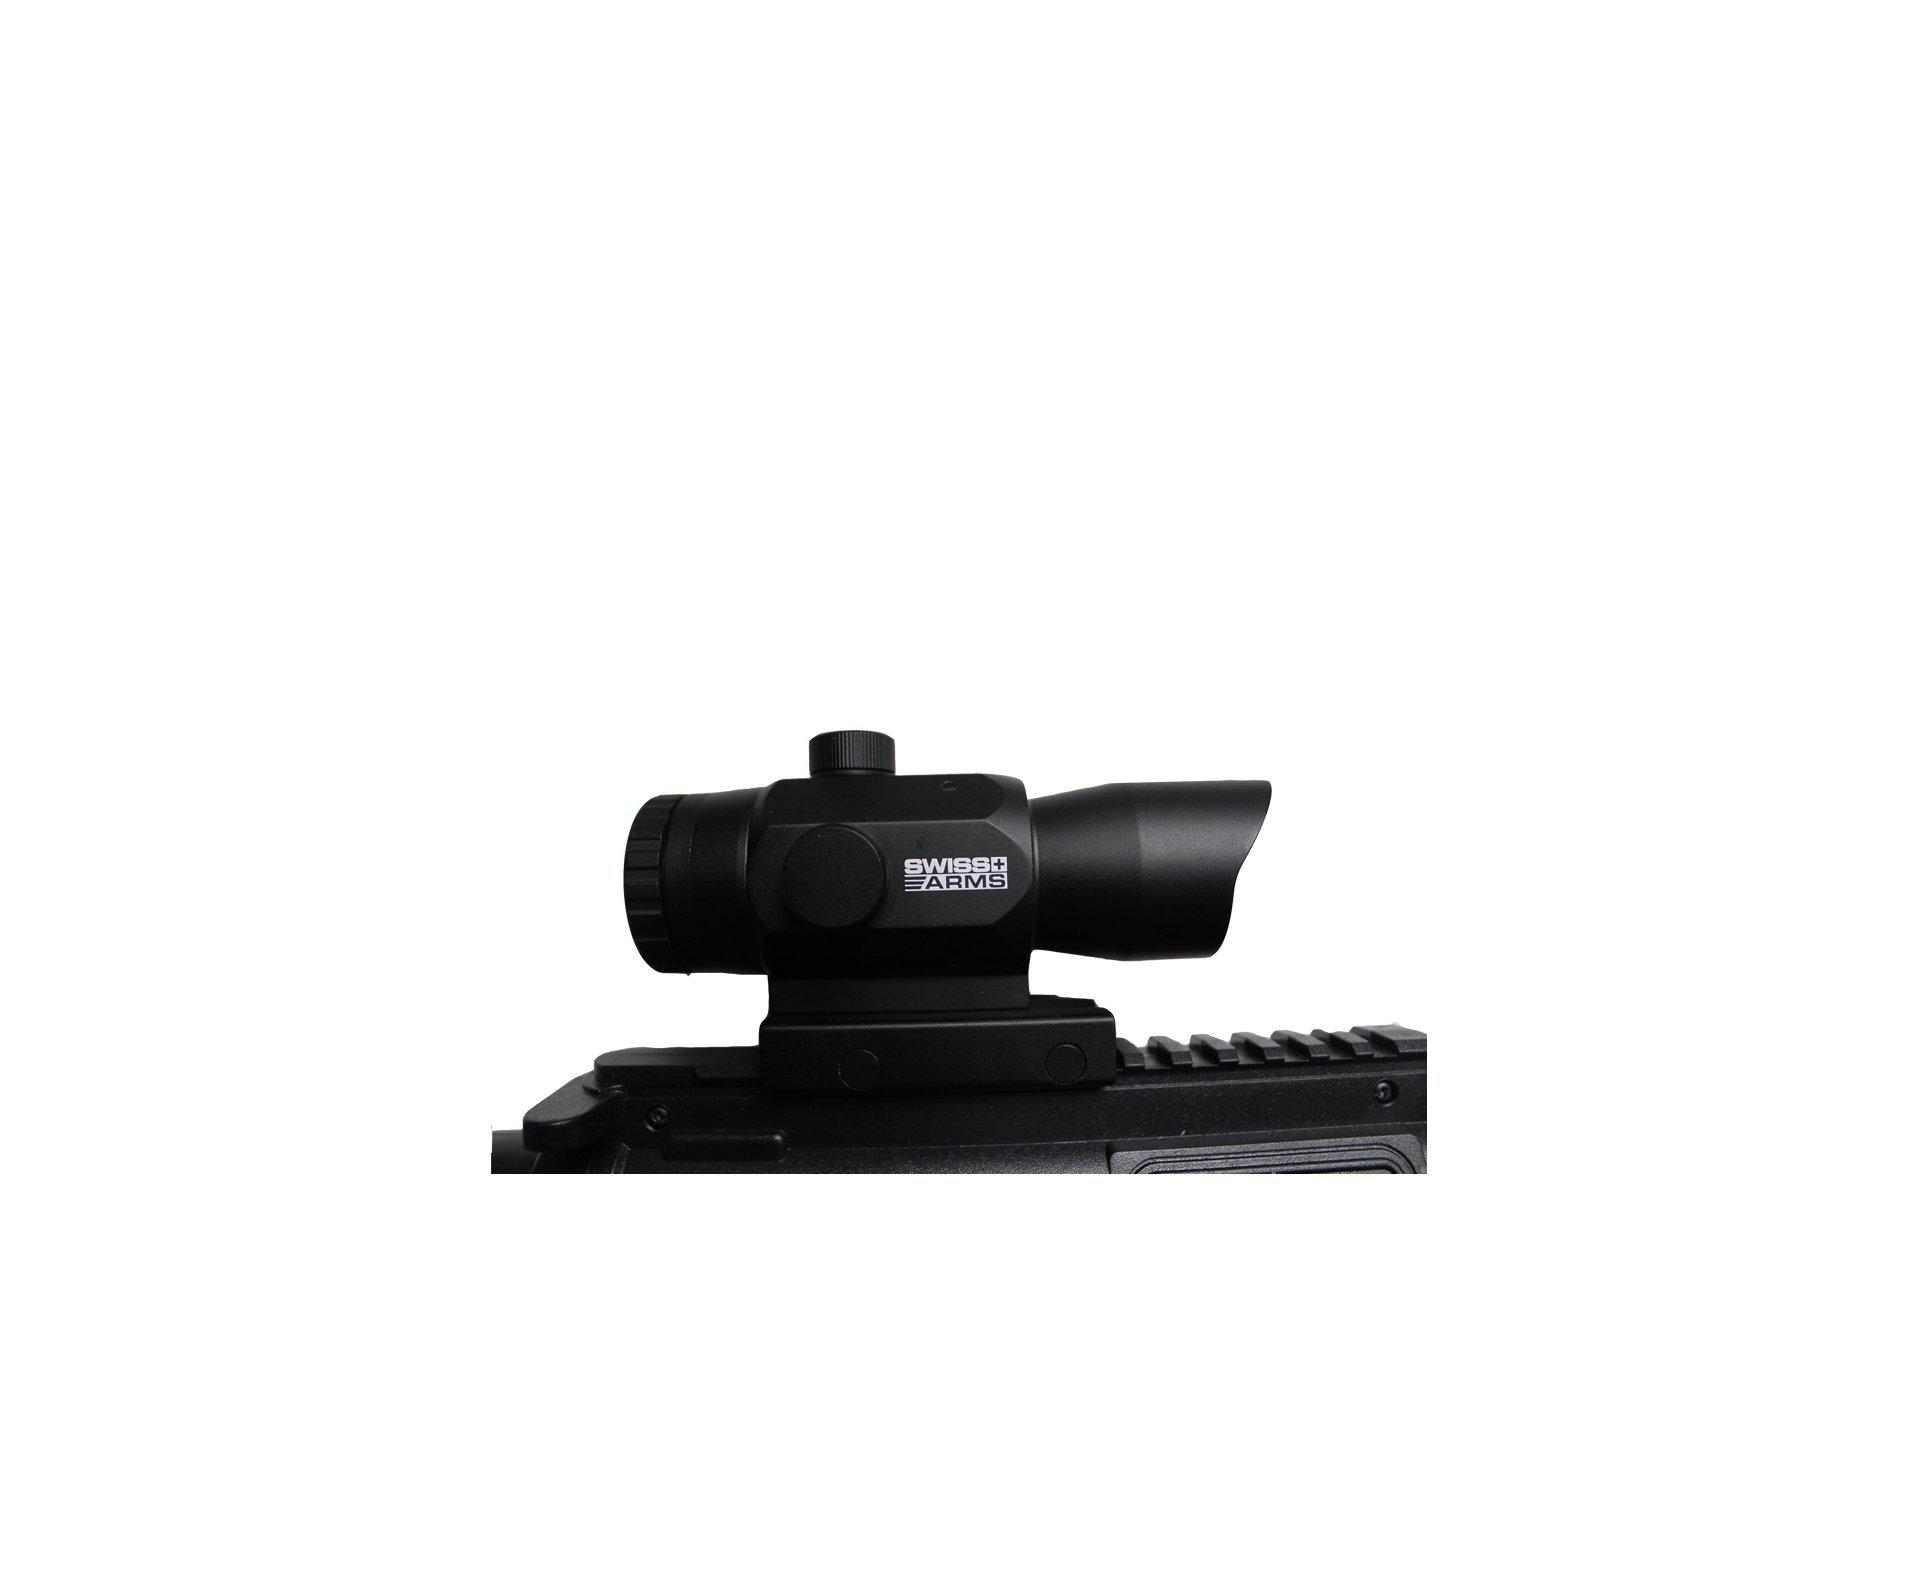 Carabina De Ar Crosman M4-177 Multi Pump - Cal 4,5 Mm + Luneta 3x32 Compacta + Capa Especial